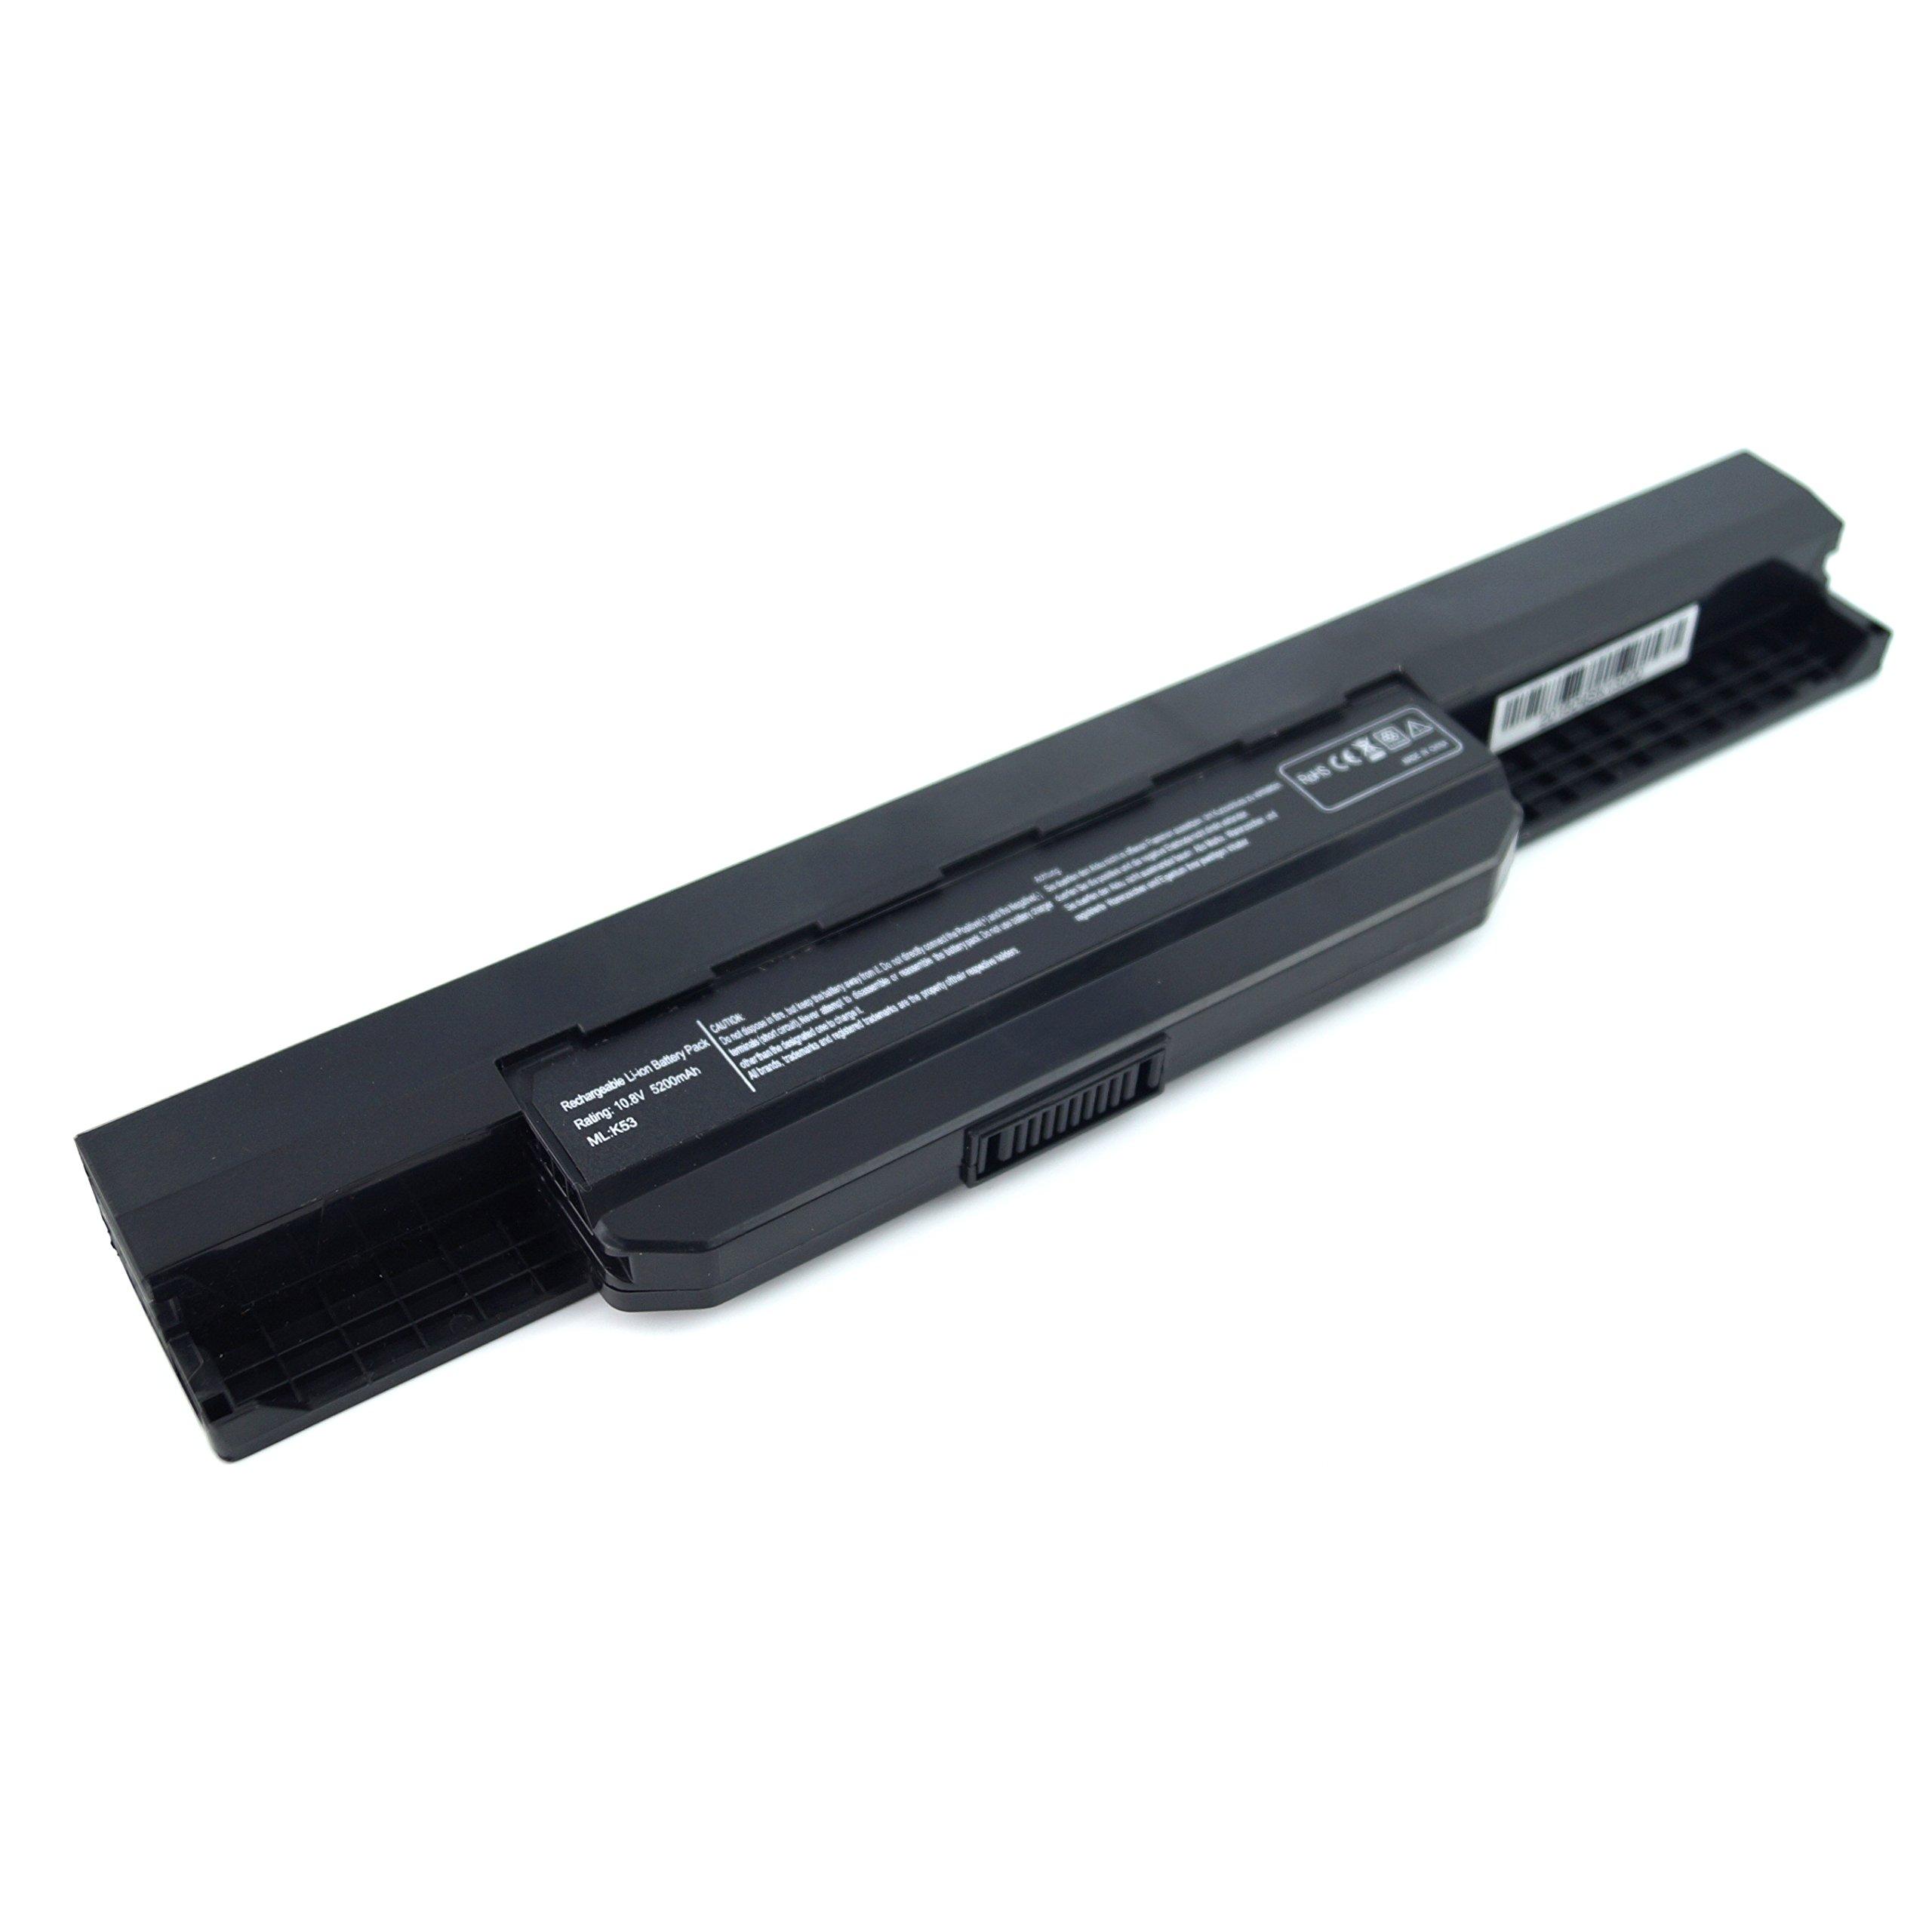 Pin Cho Laptop ASUS A32 K43 K43E K43S X44H K53 K53E X54C X53S X53 K53S X53E - Hàng Nhập Khẩu